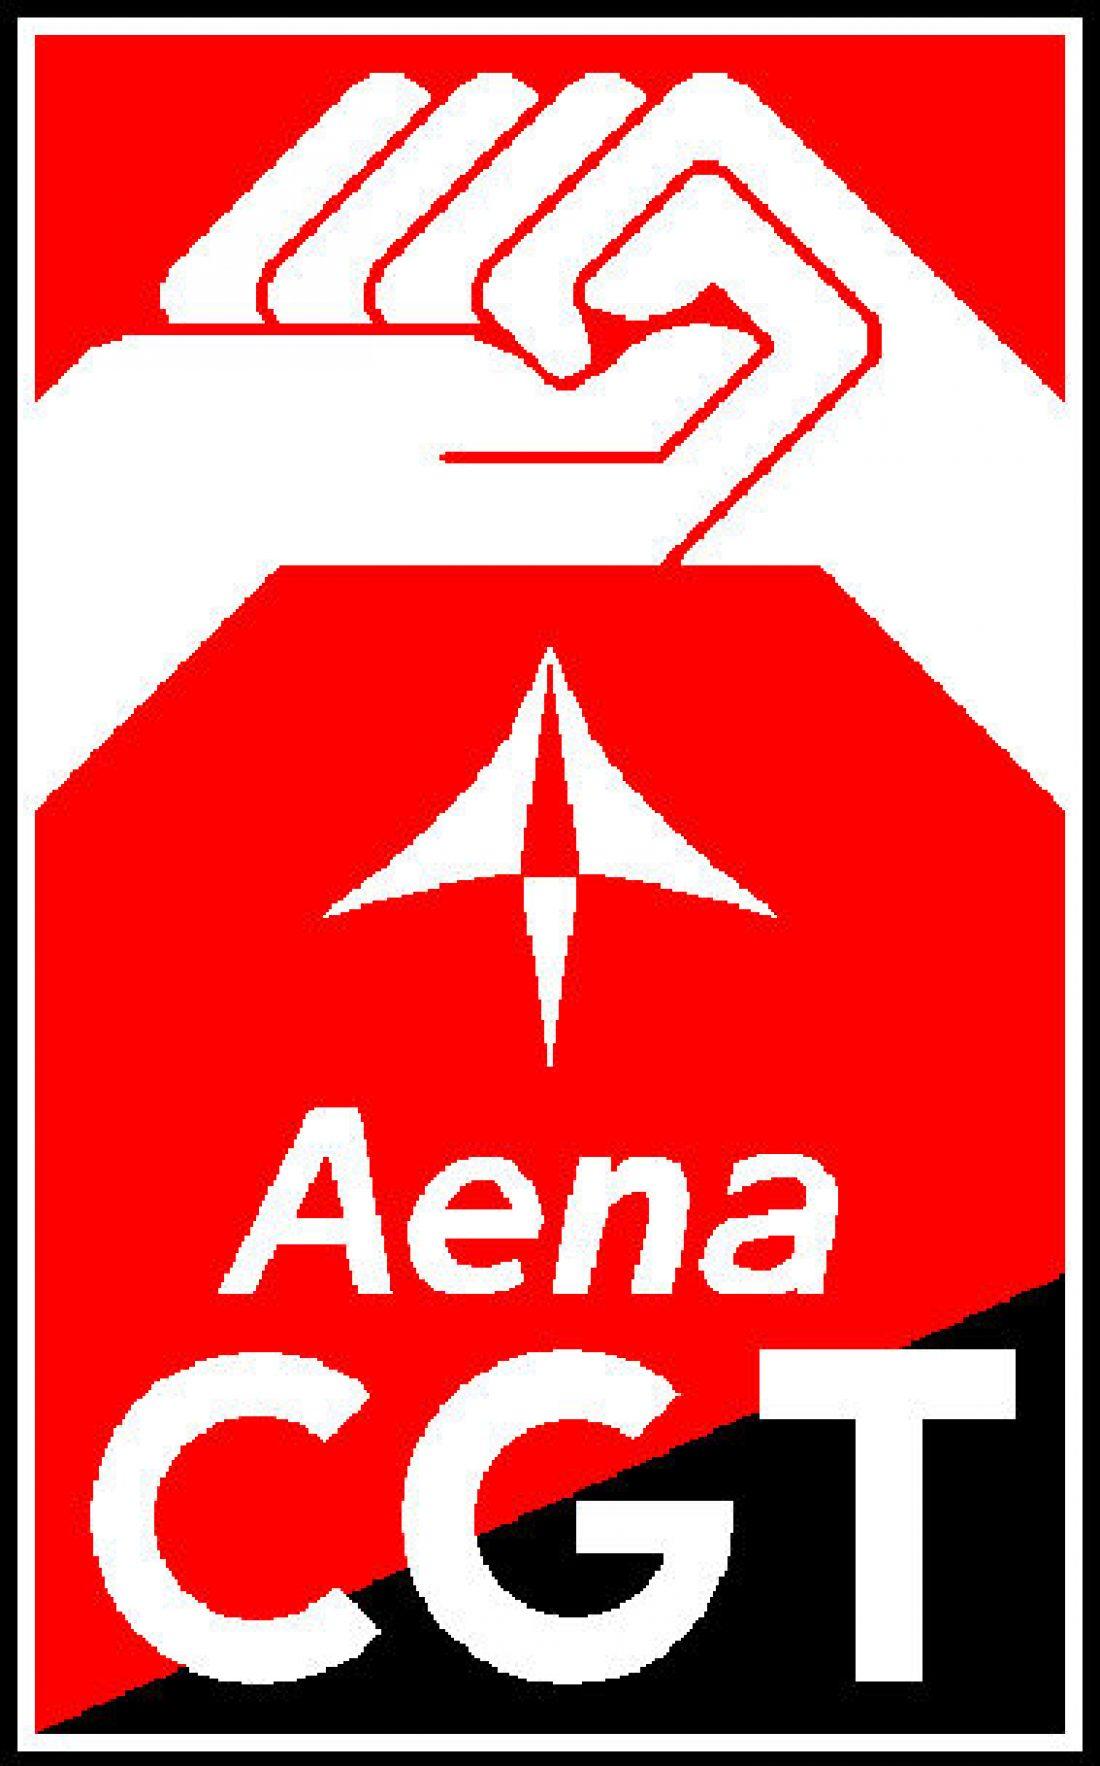 CGT Aena. Aeropuertos básicos o de baja actividad, una decisión irracional